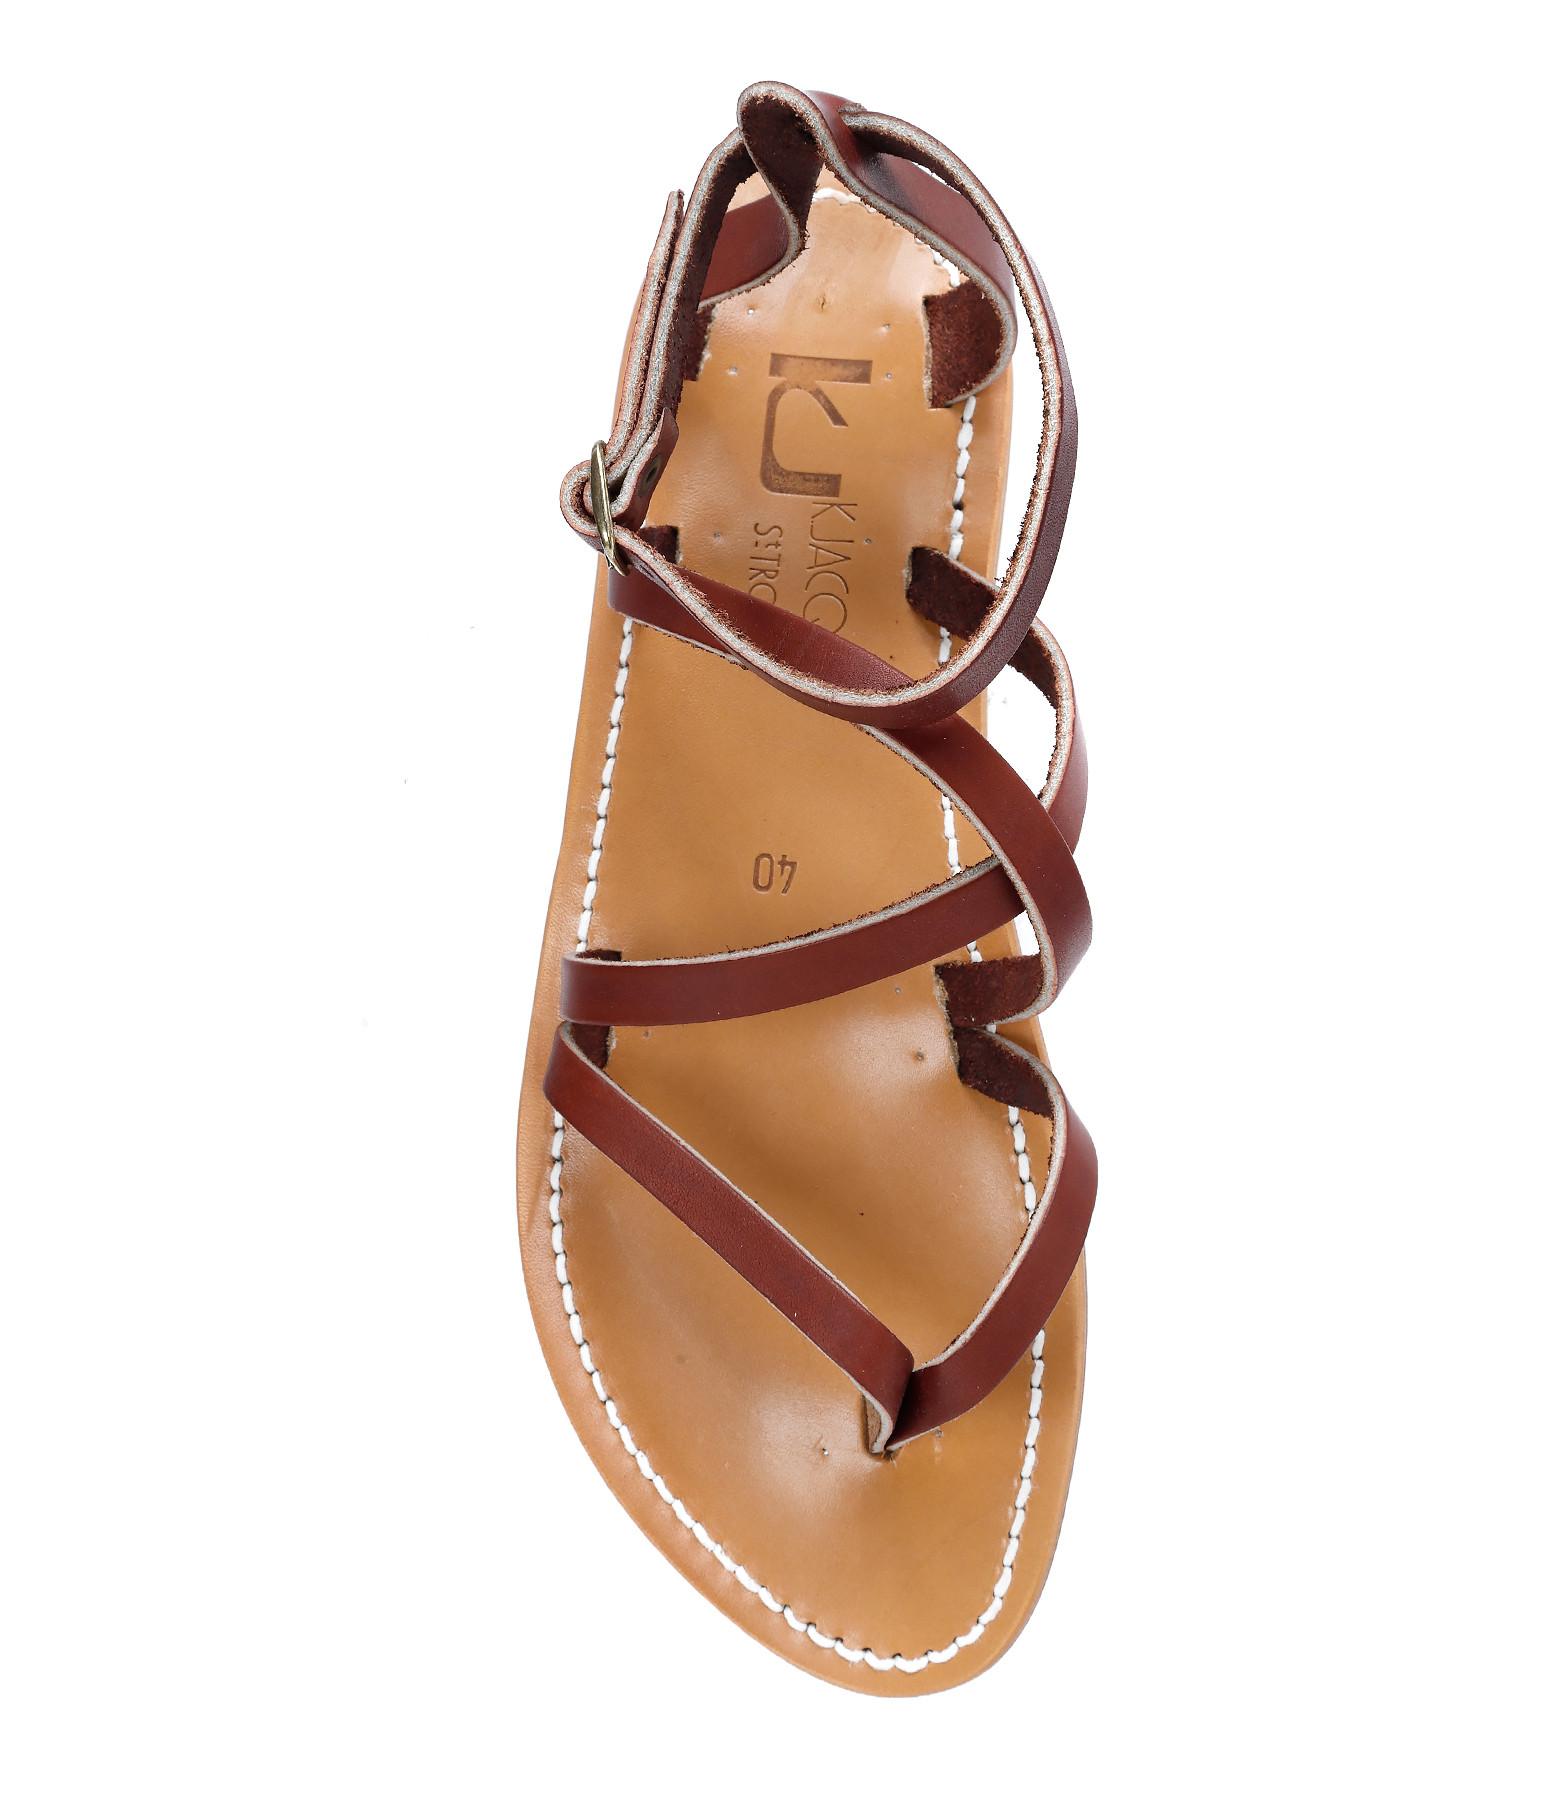 K JACQUES - Sandales Epicure Pul Bordo